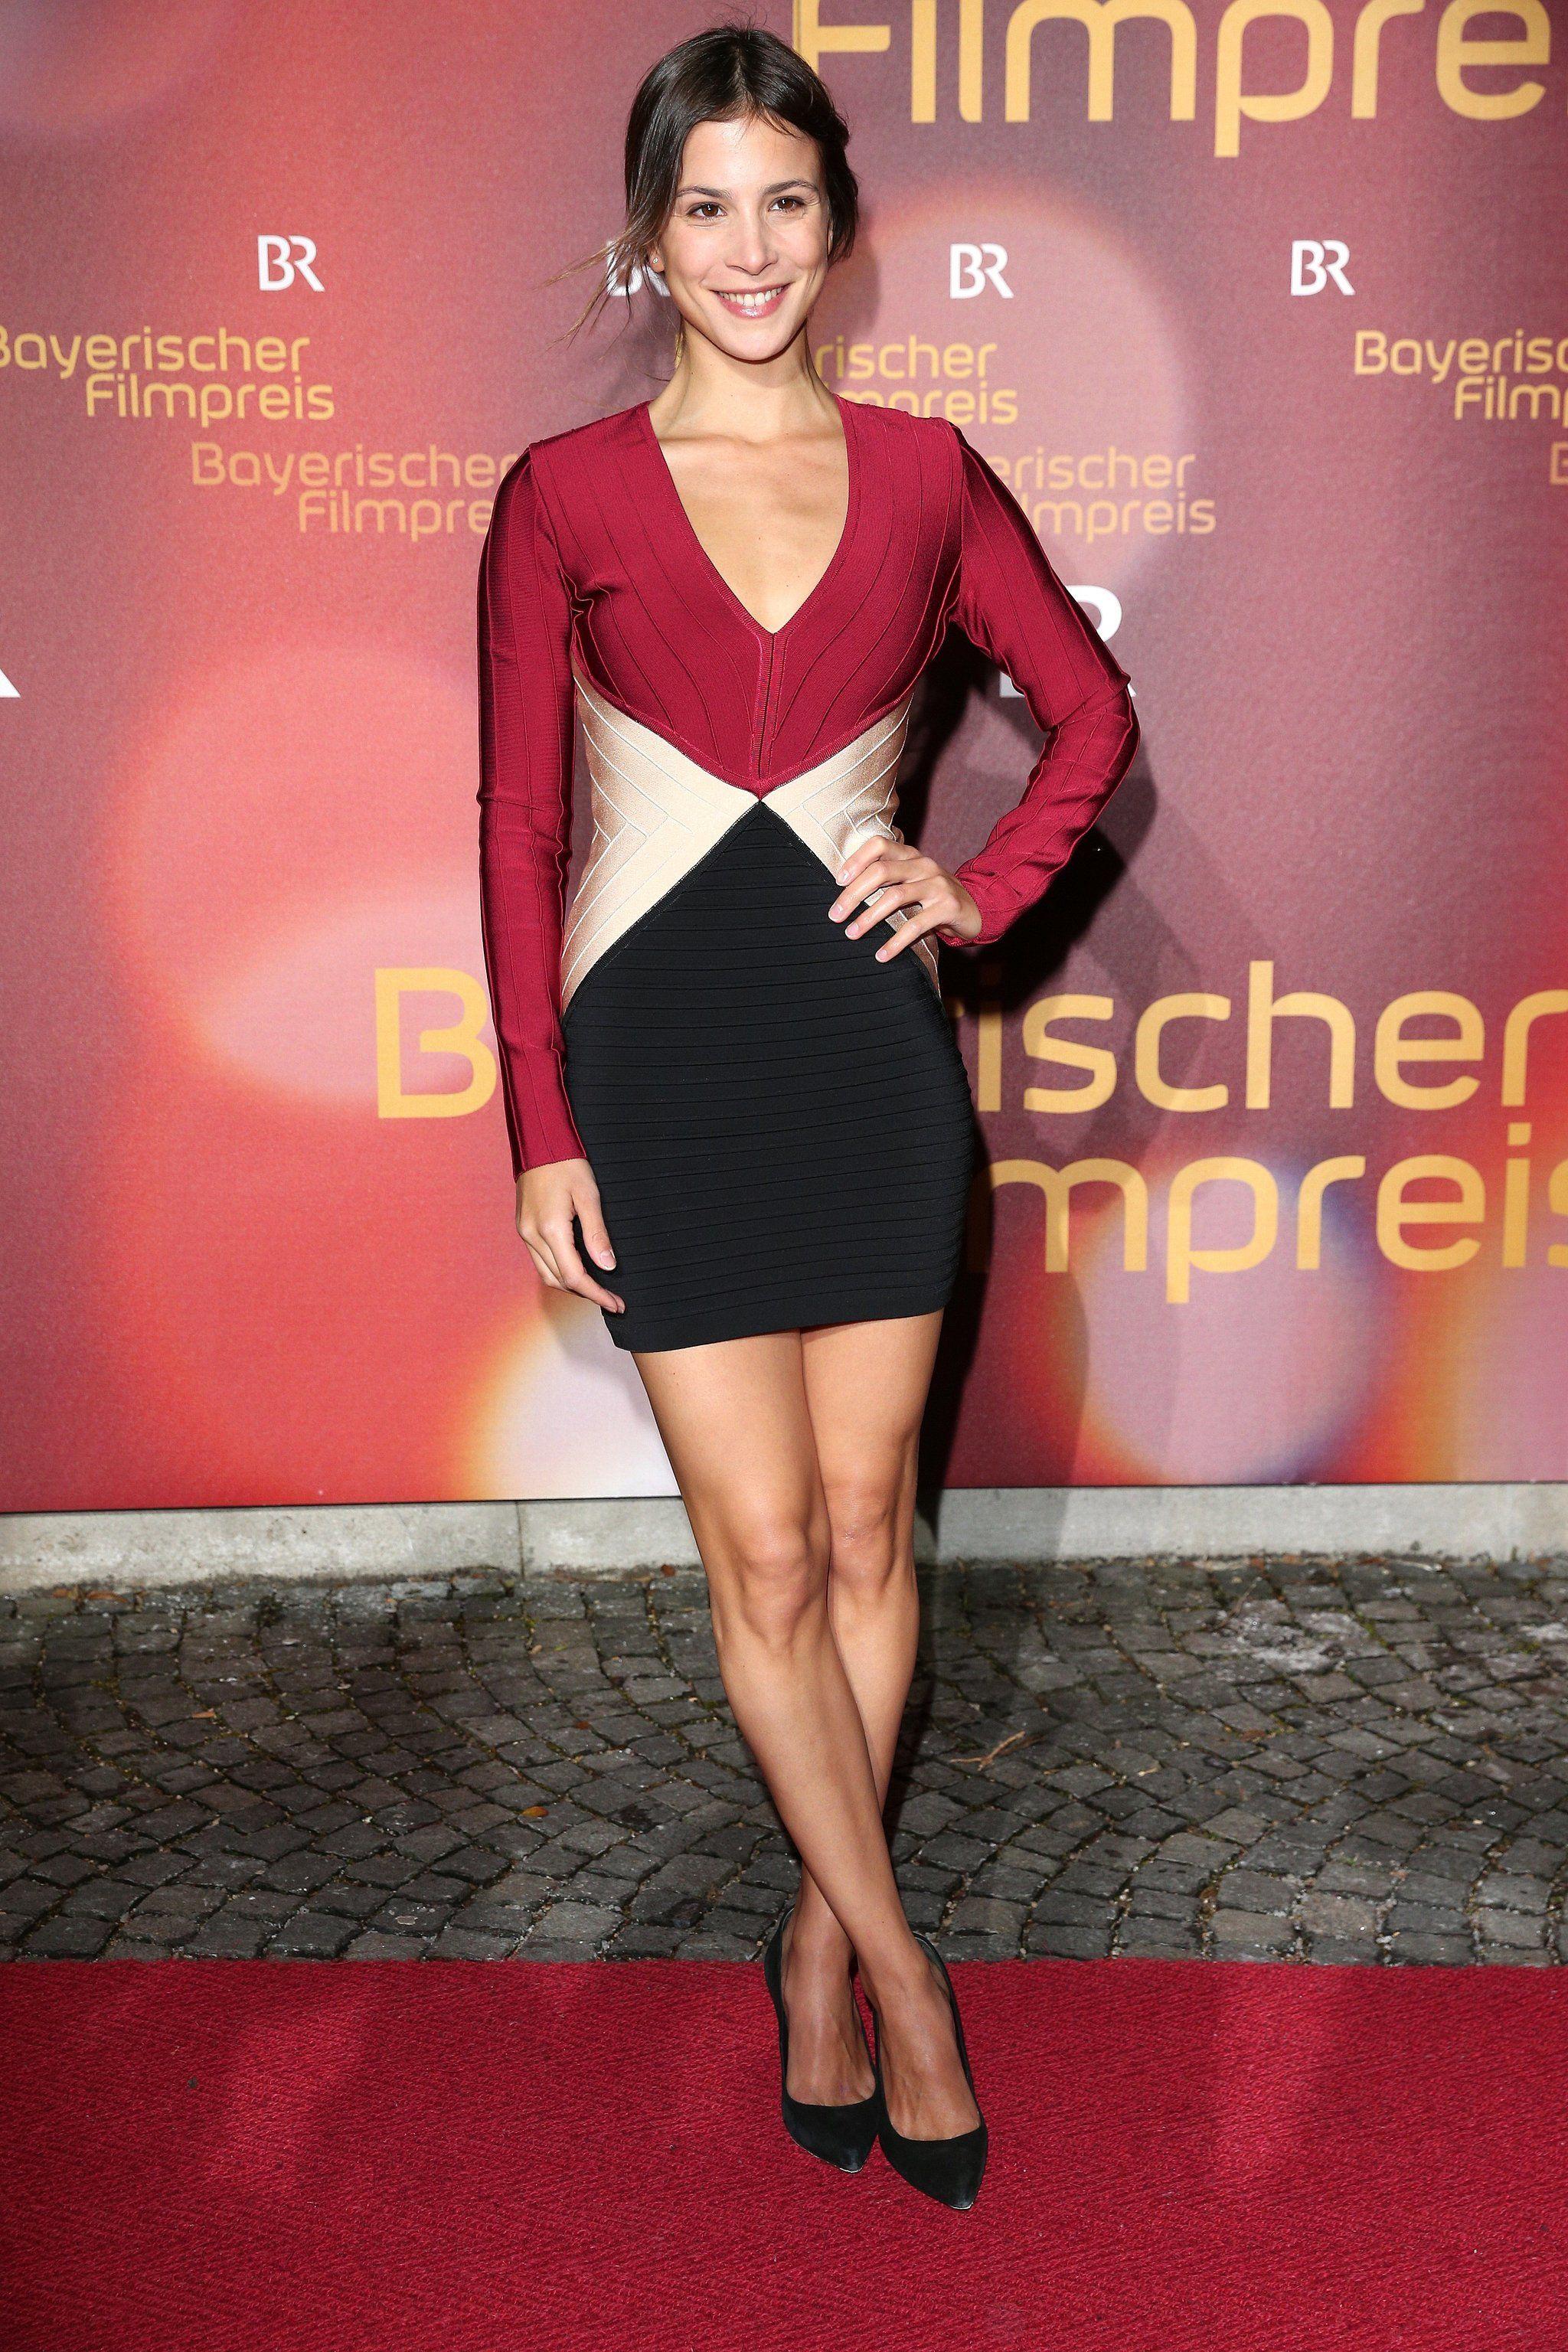 Aylin Tezel beim Bayerischen Filmpreis in München